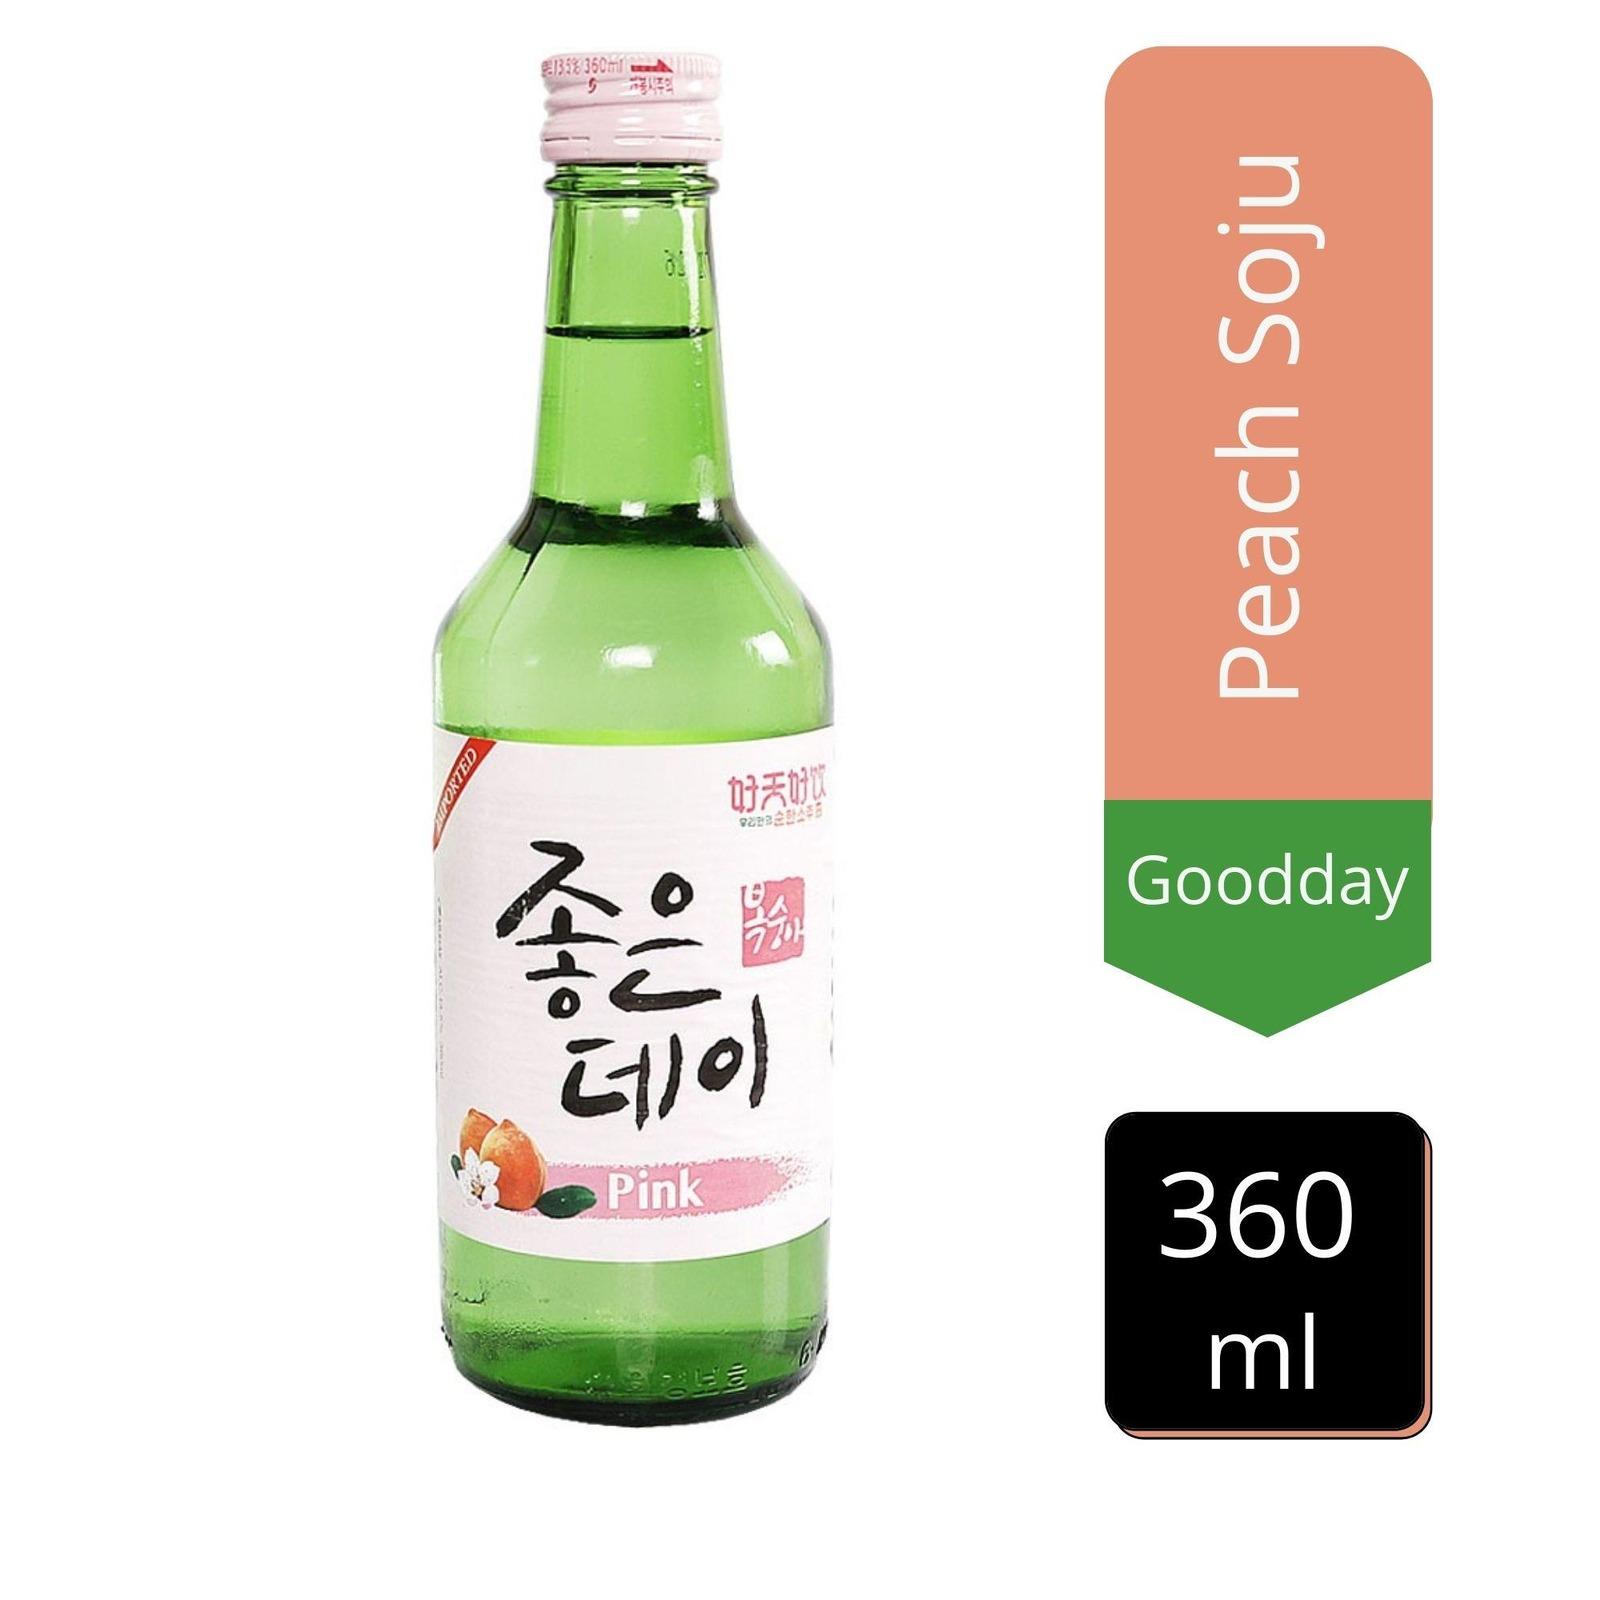 Goodday Peach Soju